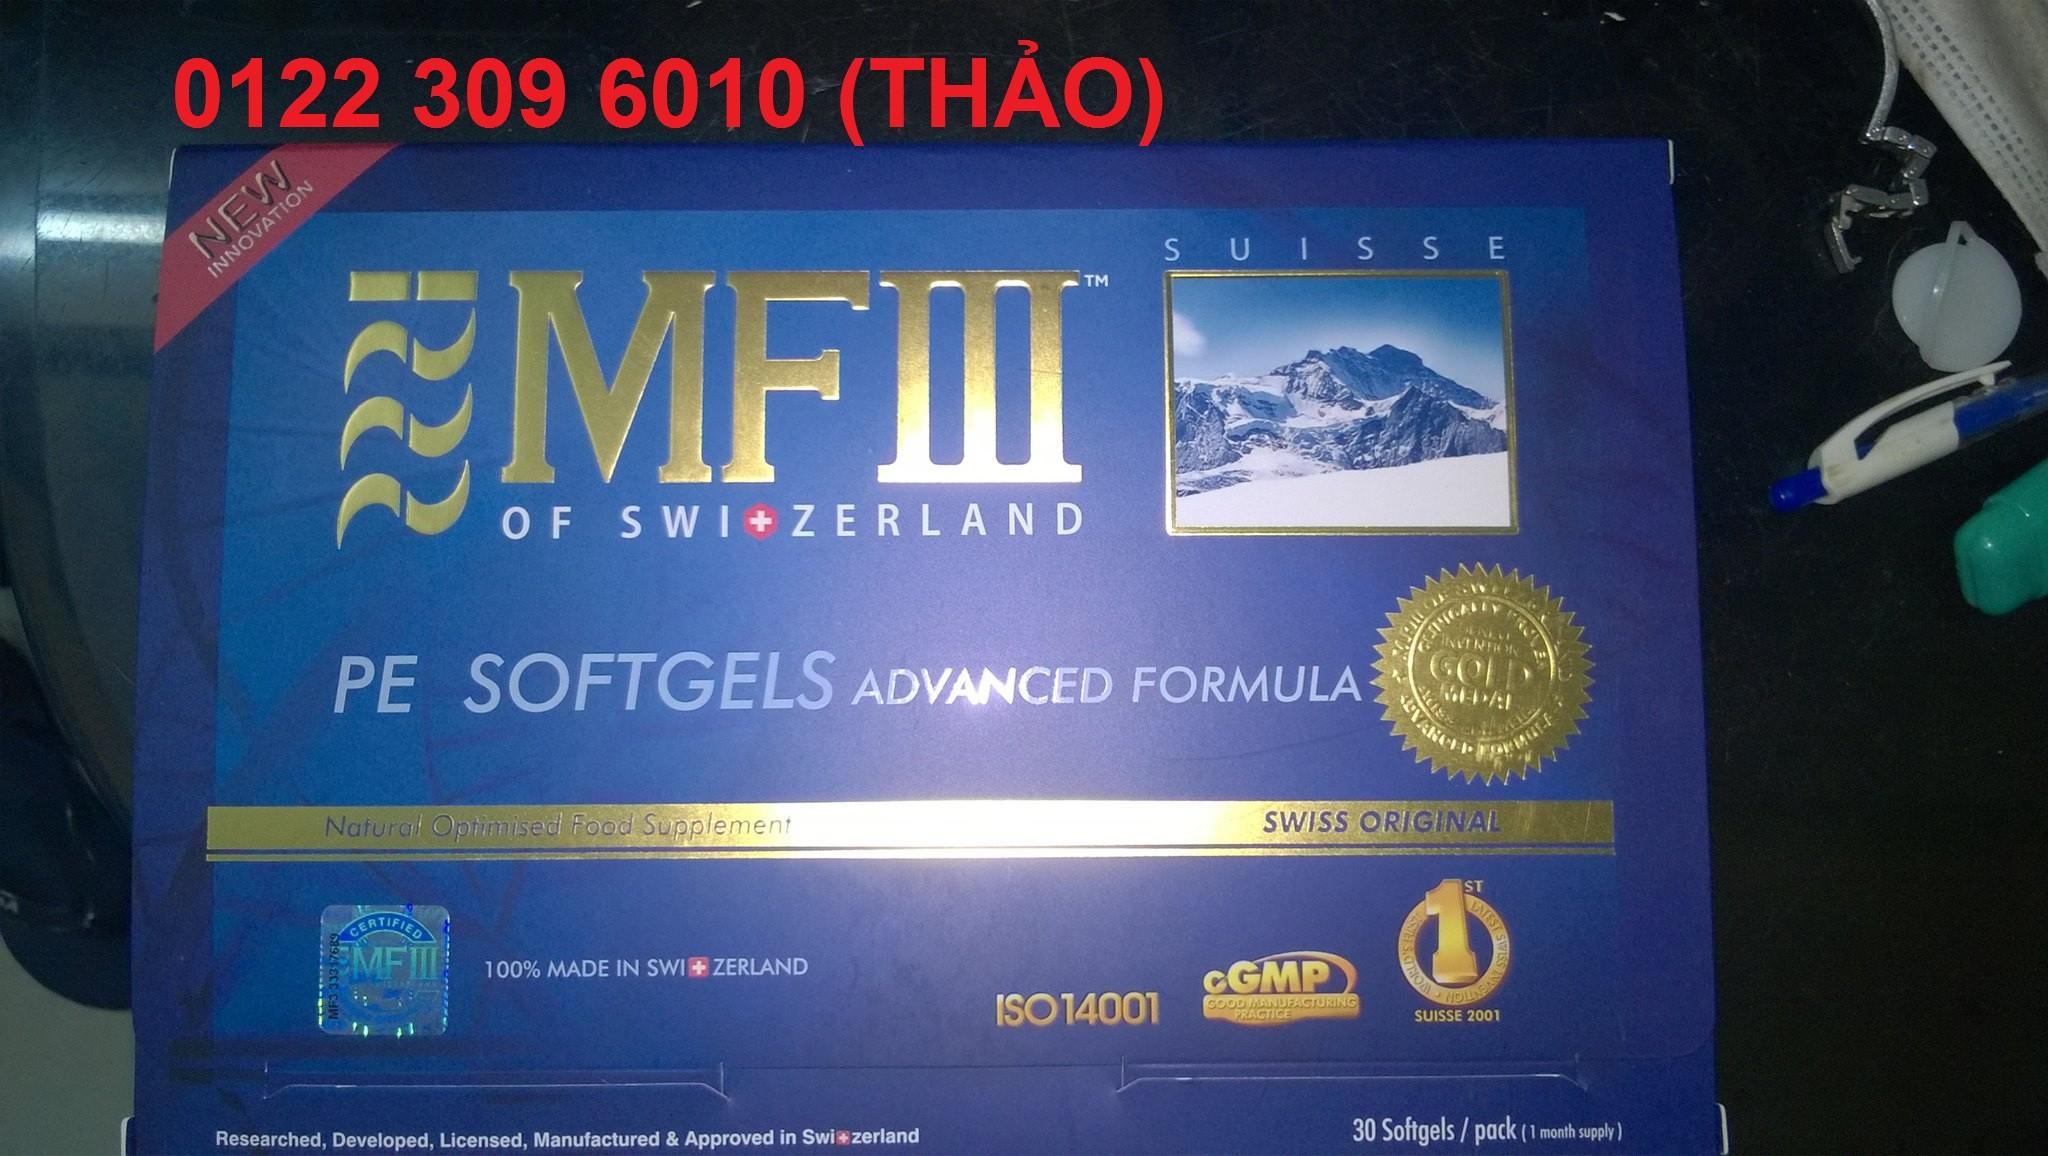 Chuyên cung cấp toàn quốc các sản phẩm tiêm trắng da và thuốc uống trắng da tốt nhất,an toàn và có nguồn gốc rõ ràng Ảnh số 37158968